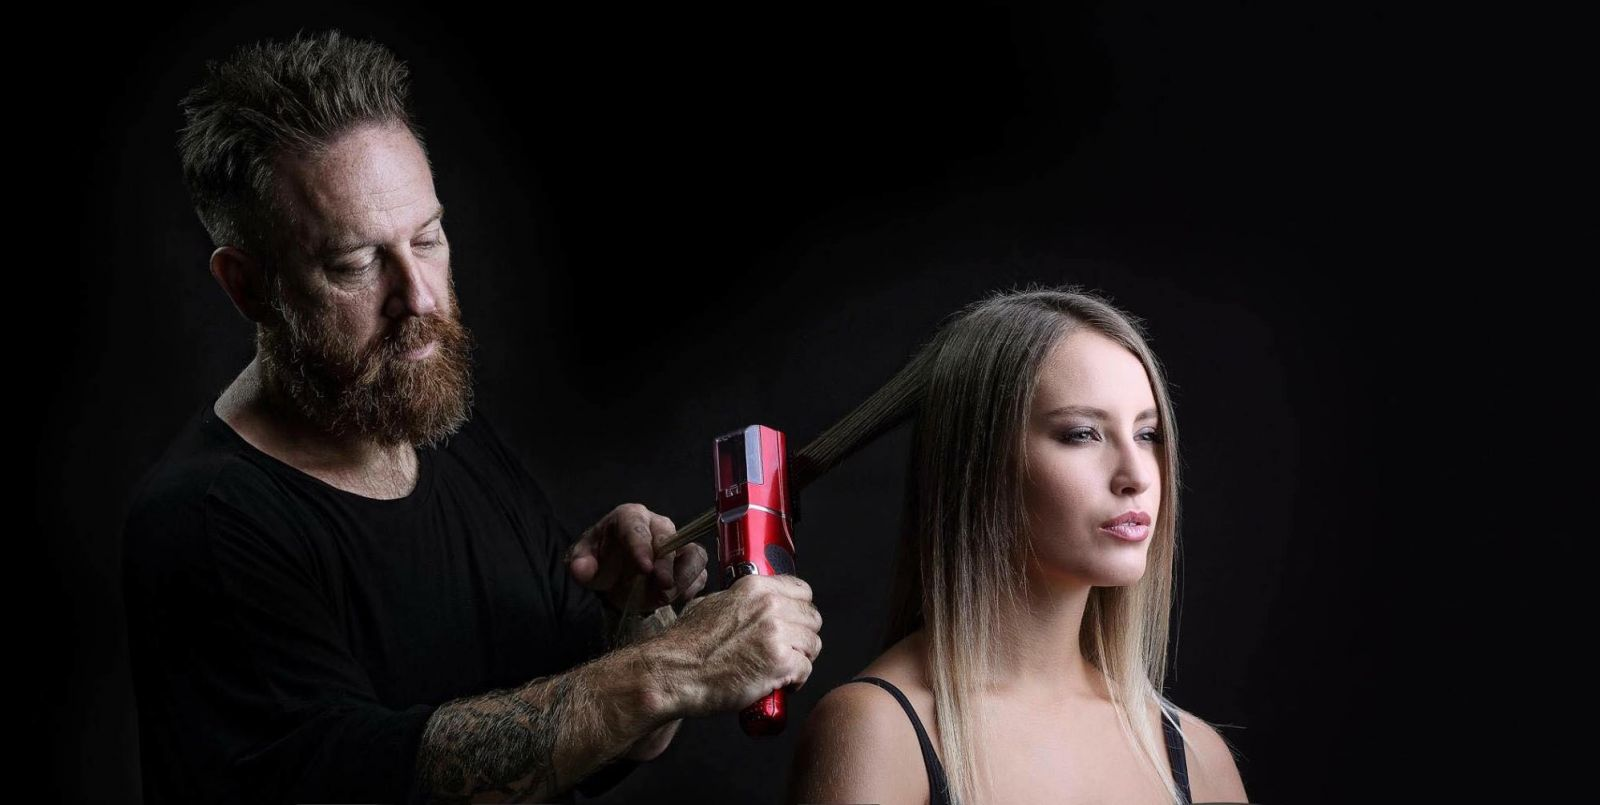 UTOLSÓ 50 DB!<br /> <br /> Hónapokkal ezelőtt felrobbantotta az internetet a BWNET oldalán bemutatott MAC split and hair trimmer hajvágó gép, most a testvérét megvásárolhatod a webshopunkon keresztül. Módosítások nélkül közöljük Gordos Máté fodrász teszt eredményeit. Fogadjátok szeretettel!